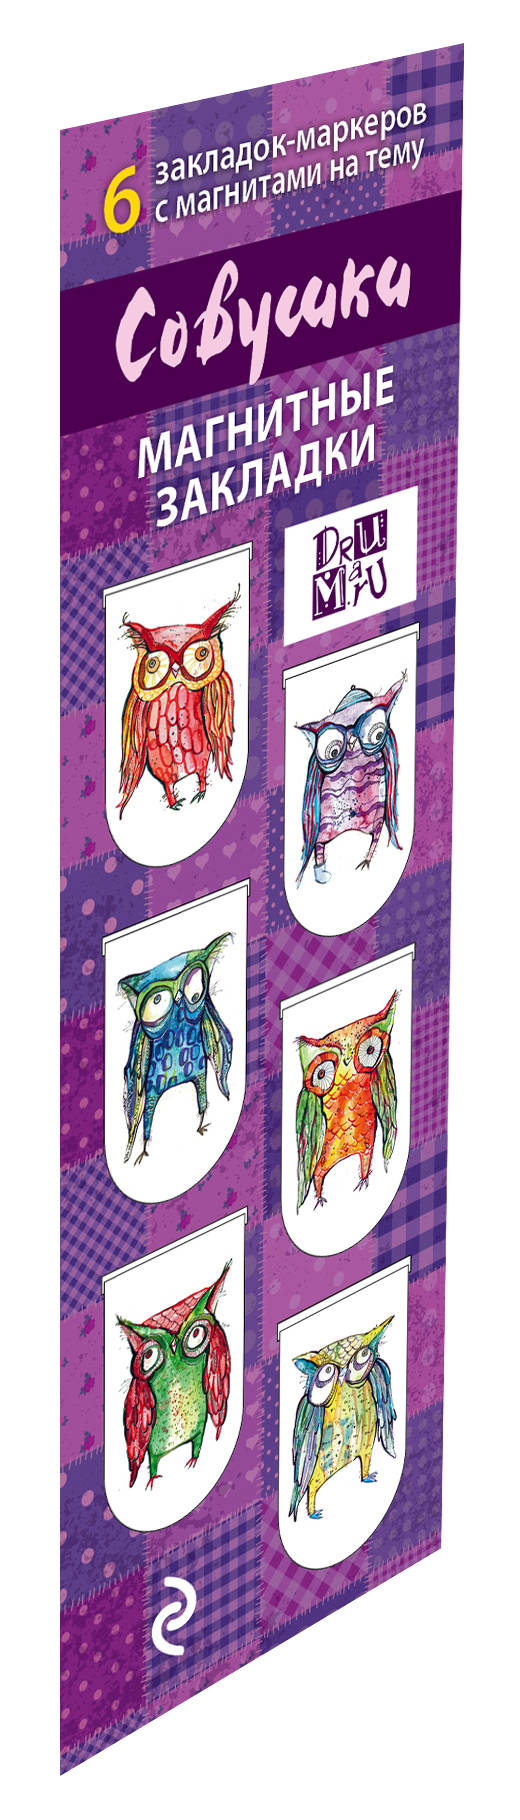 Магнитные закладки. Совушки (6 закладок полукругл.)